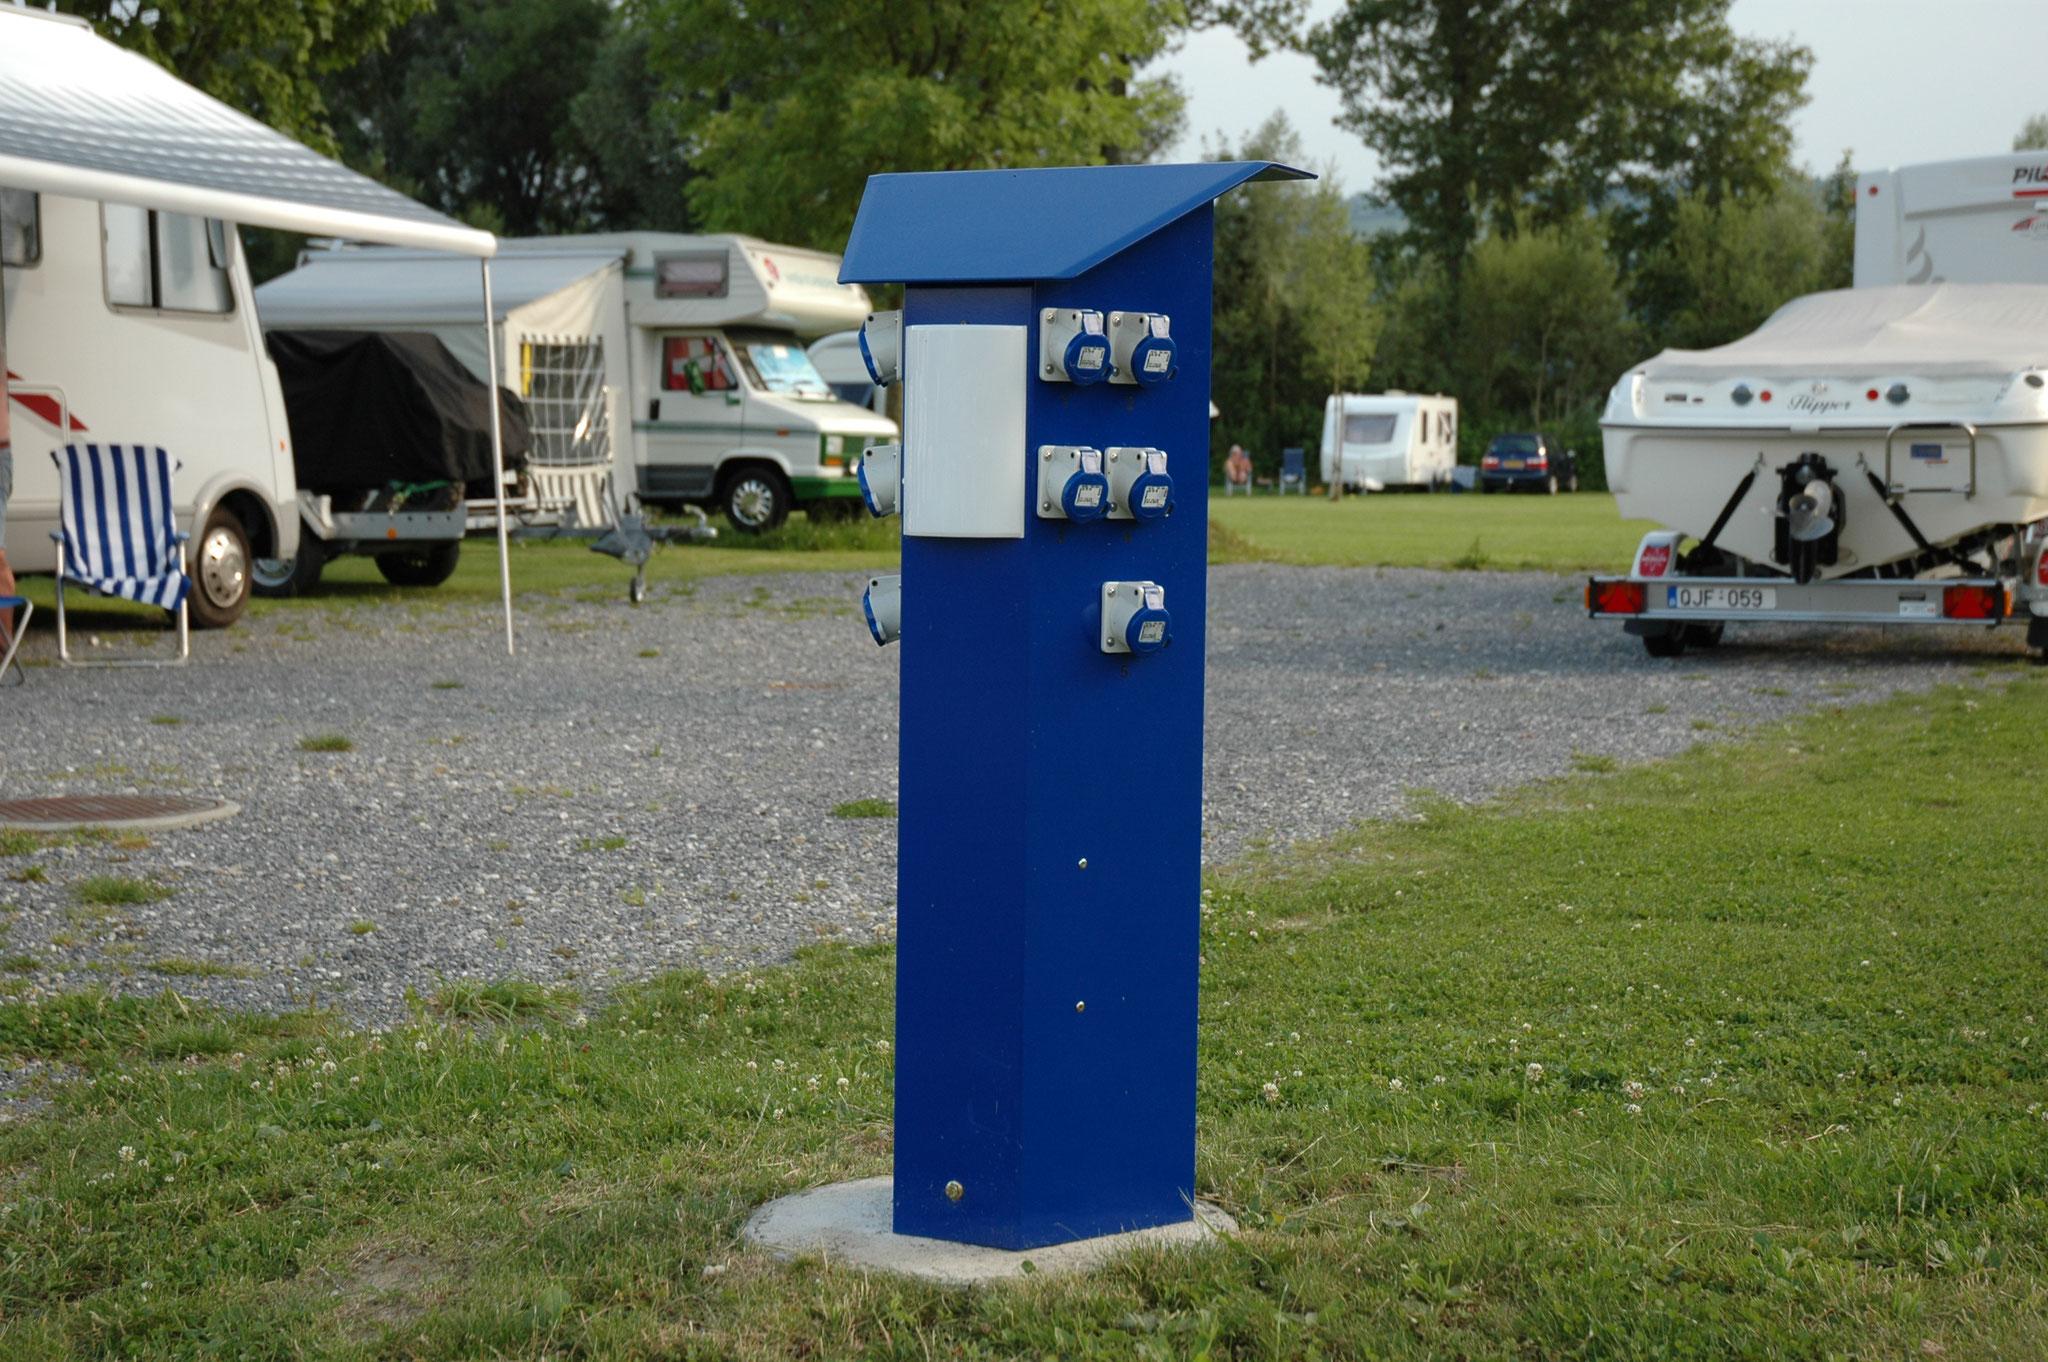 Typ Montana - Säule mit bis zu 10 CEE-Steckdosen, inliegend, abschliessbar